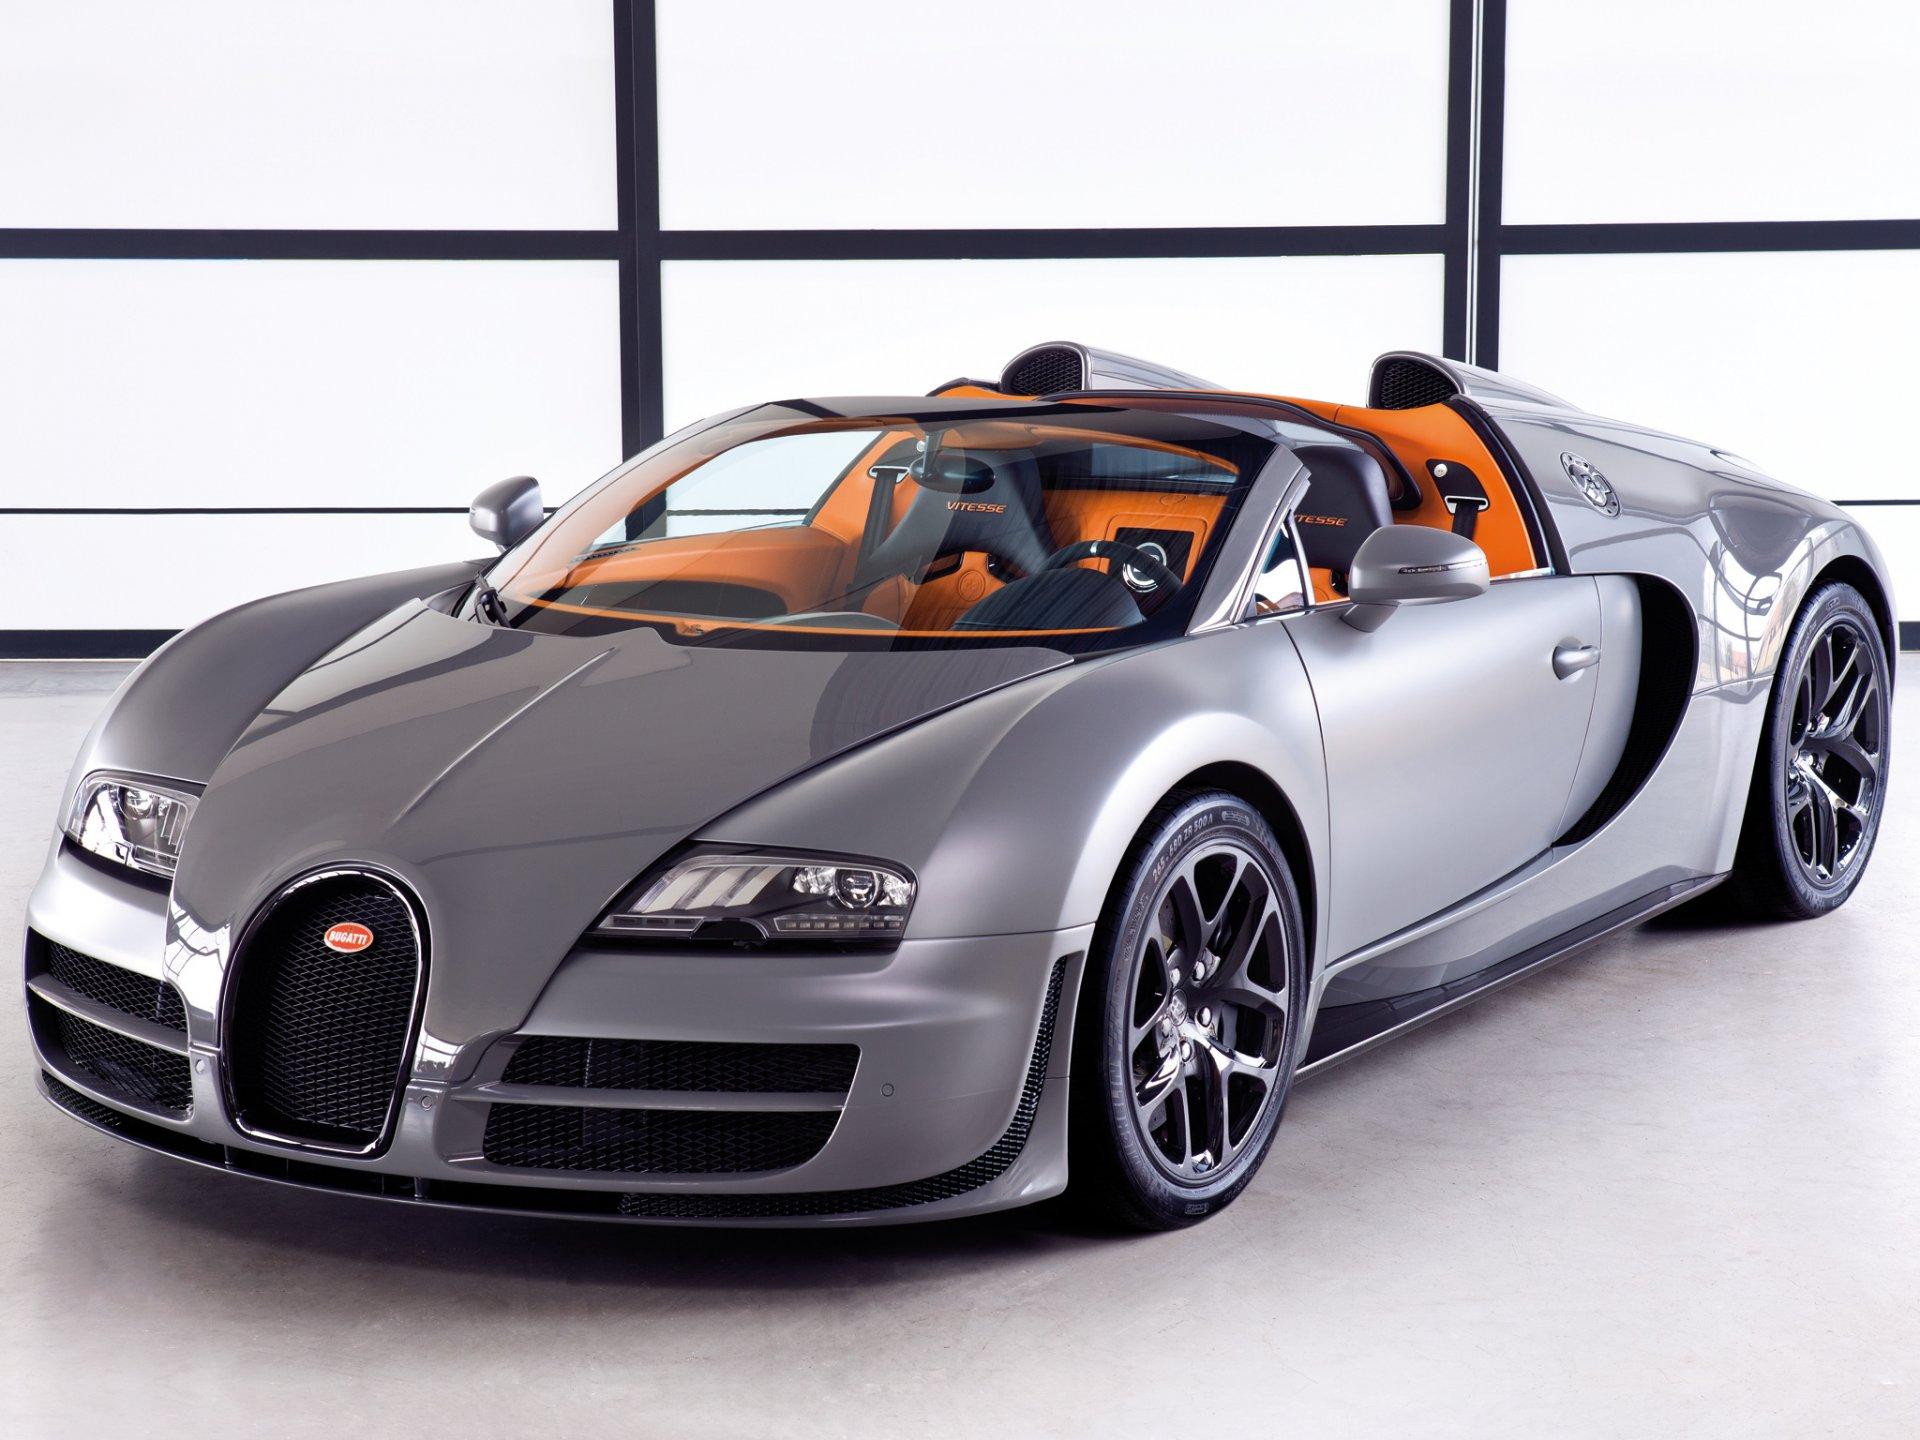 большого самые спортивные машины мира картинки исправления